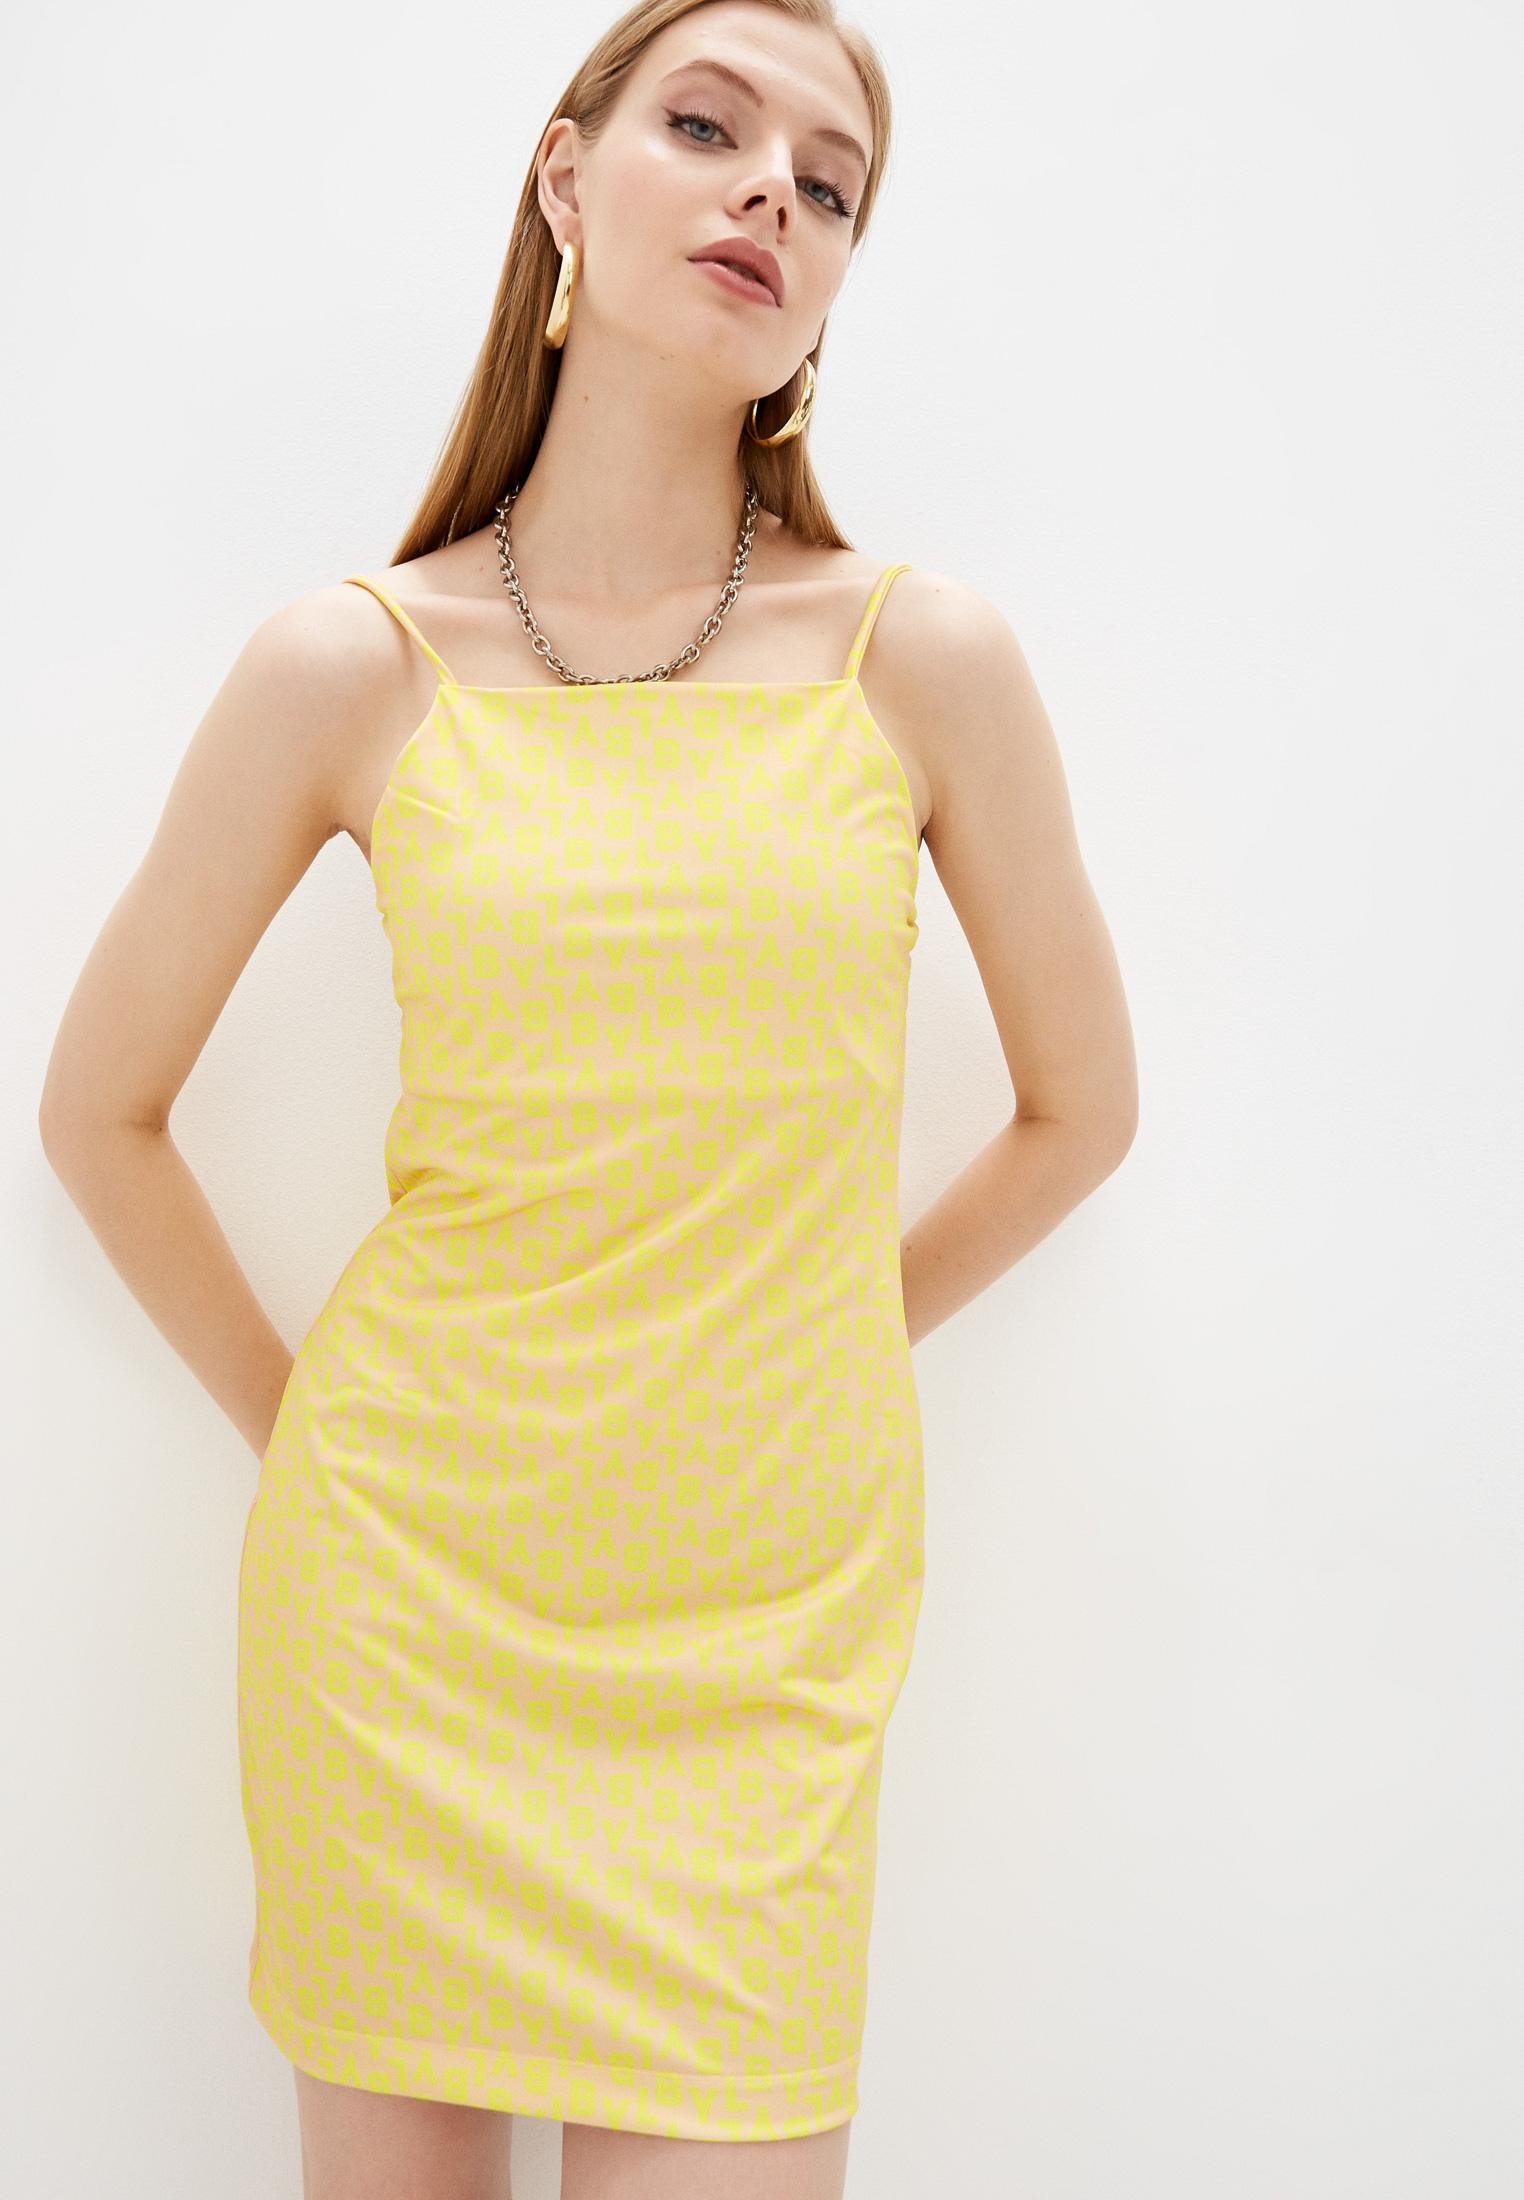 Женские платья-сарафаны Bimba Y Lola Сарафан Bimba Y Lola